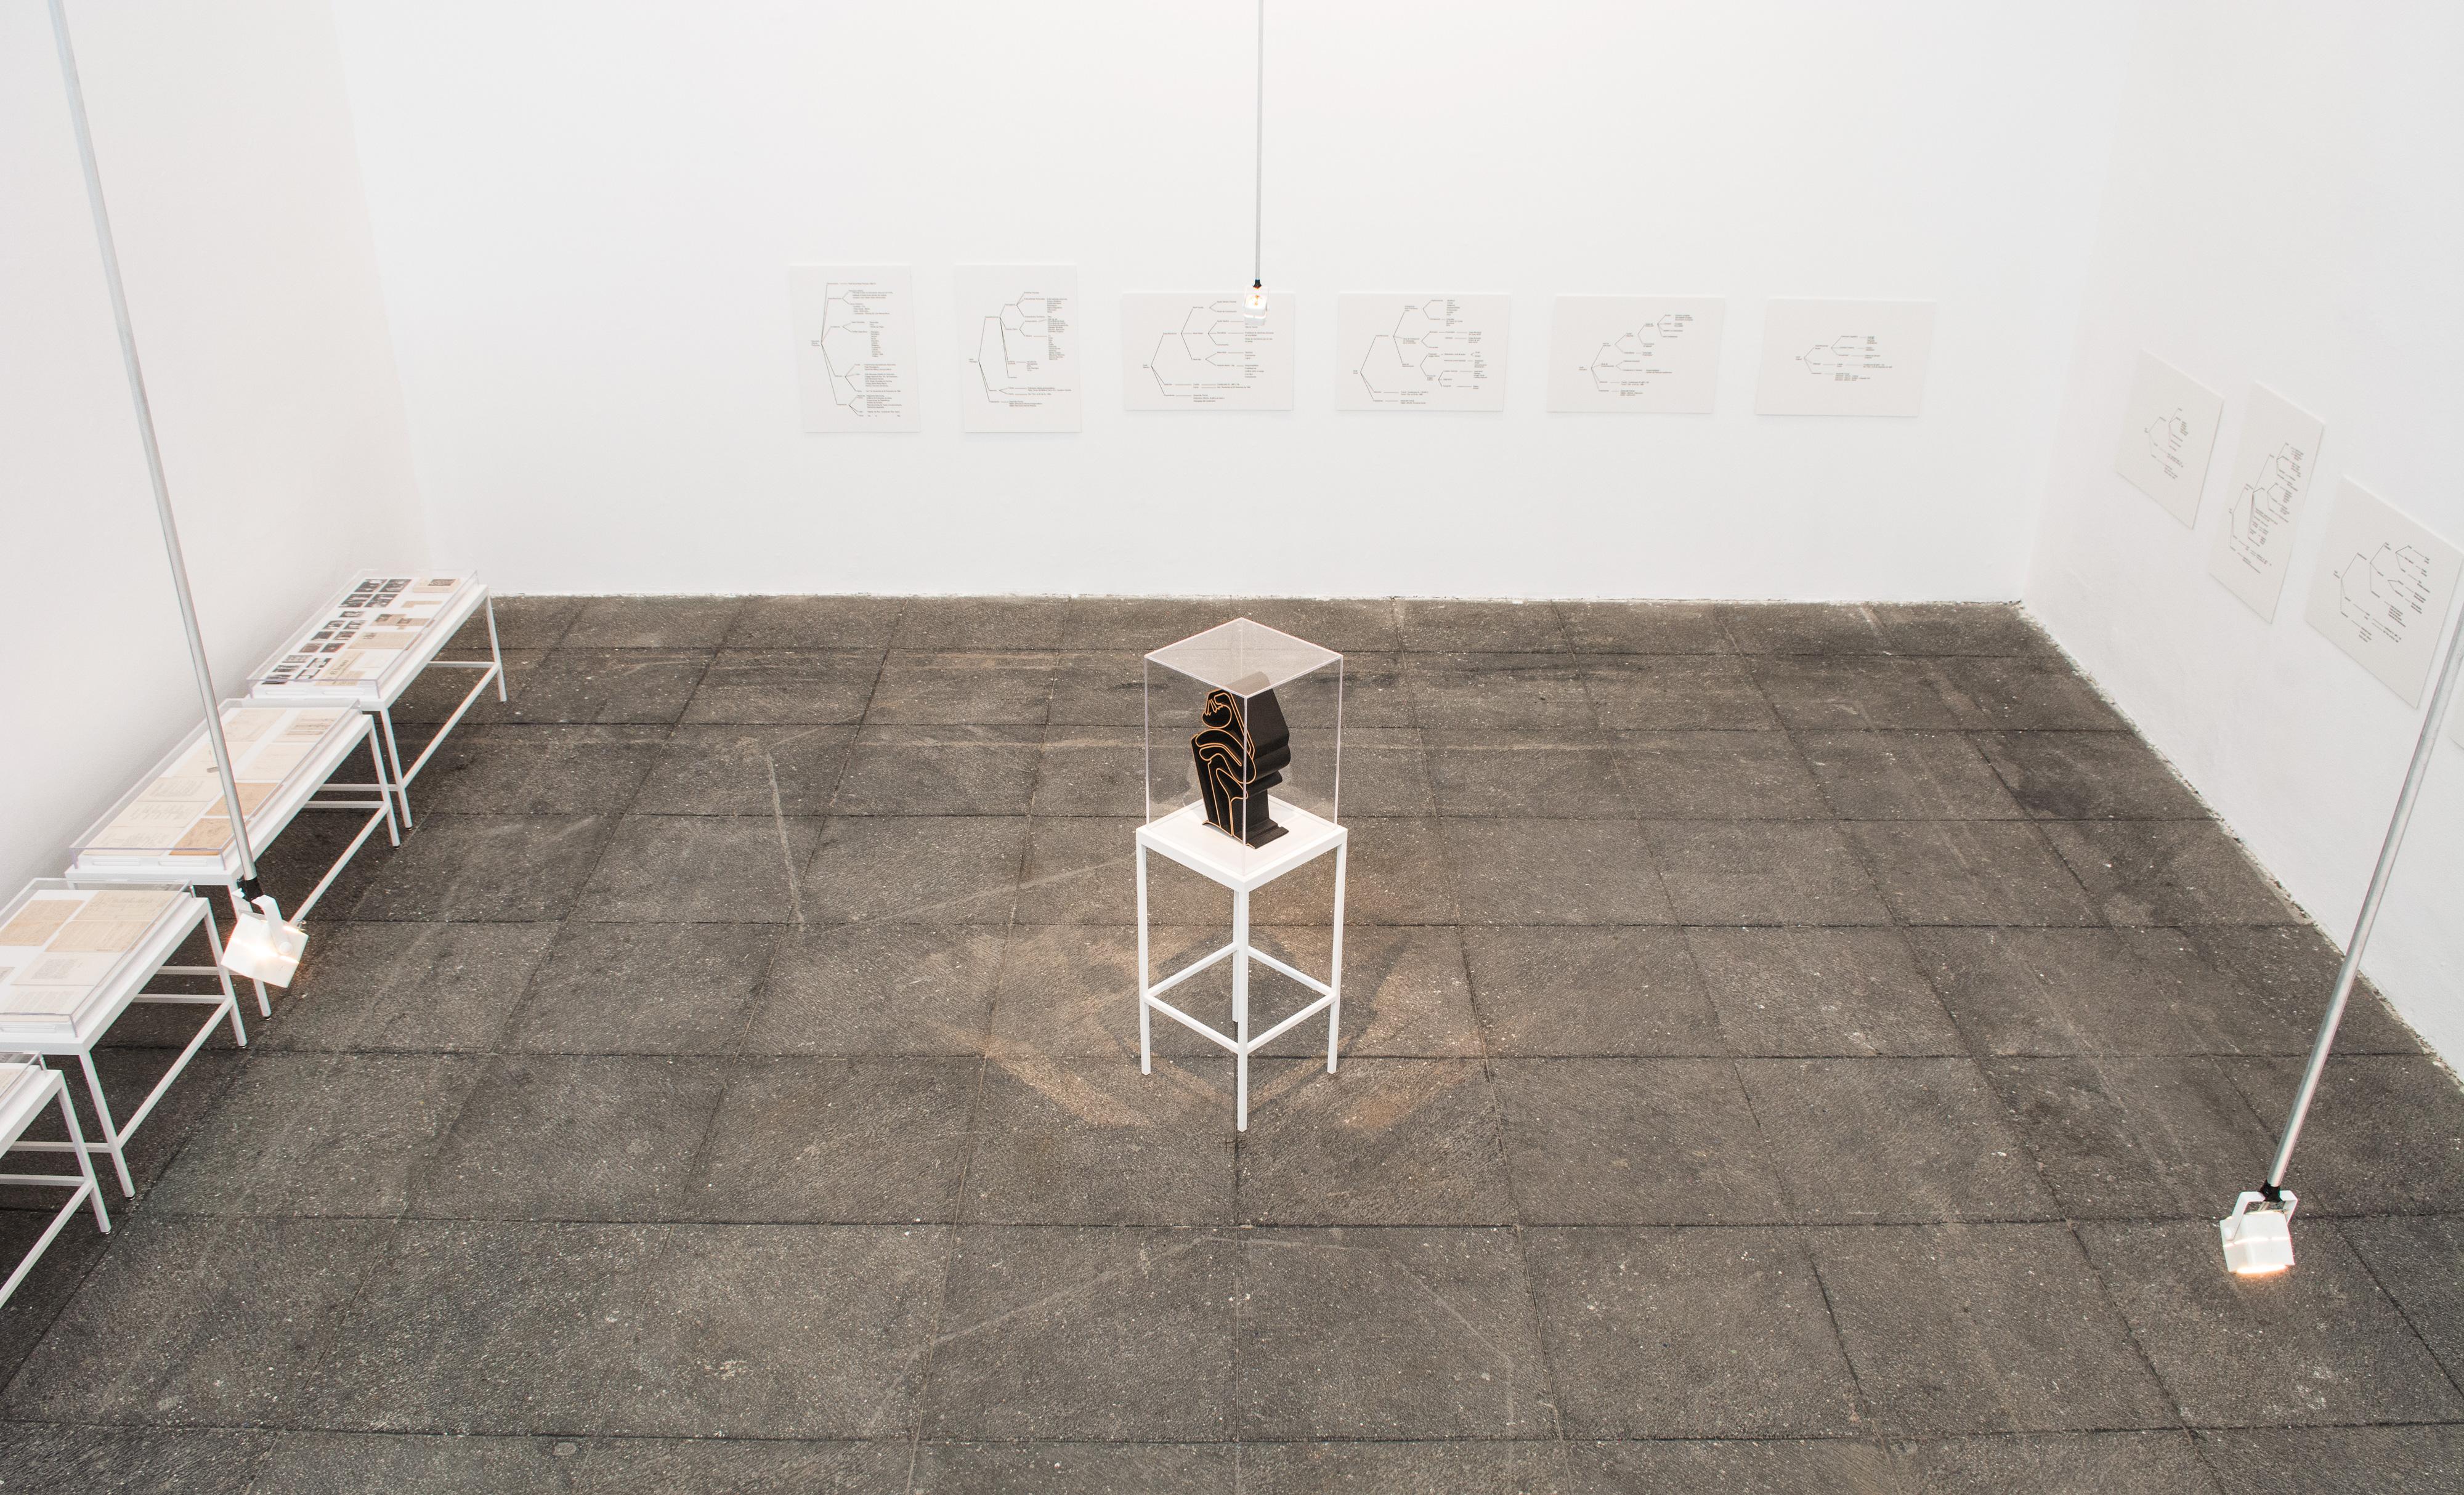 Galerie Barbara Thumm \ Estate Teresa Burga- Profile of Peruvian women – SAPS – 2014